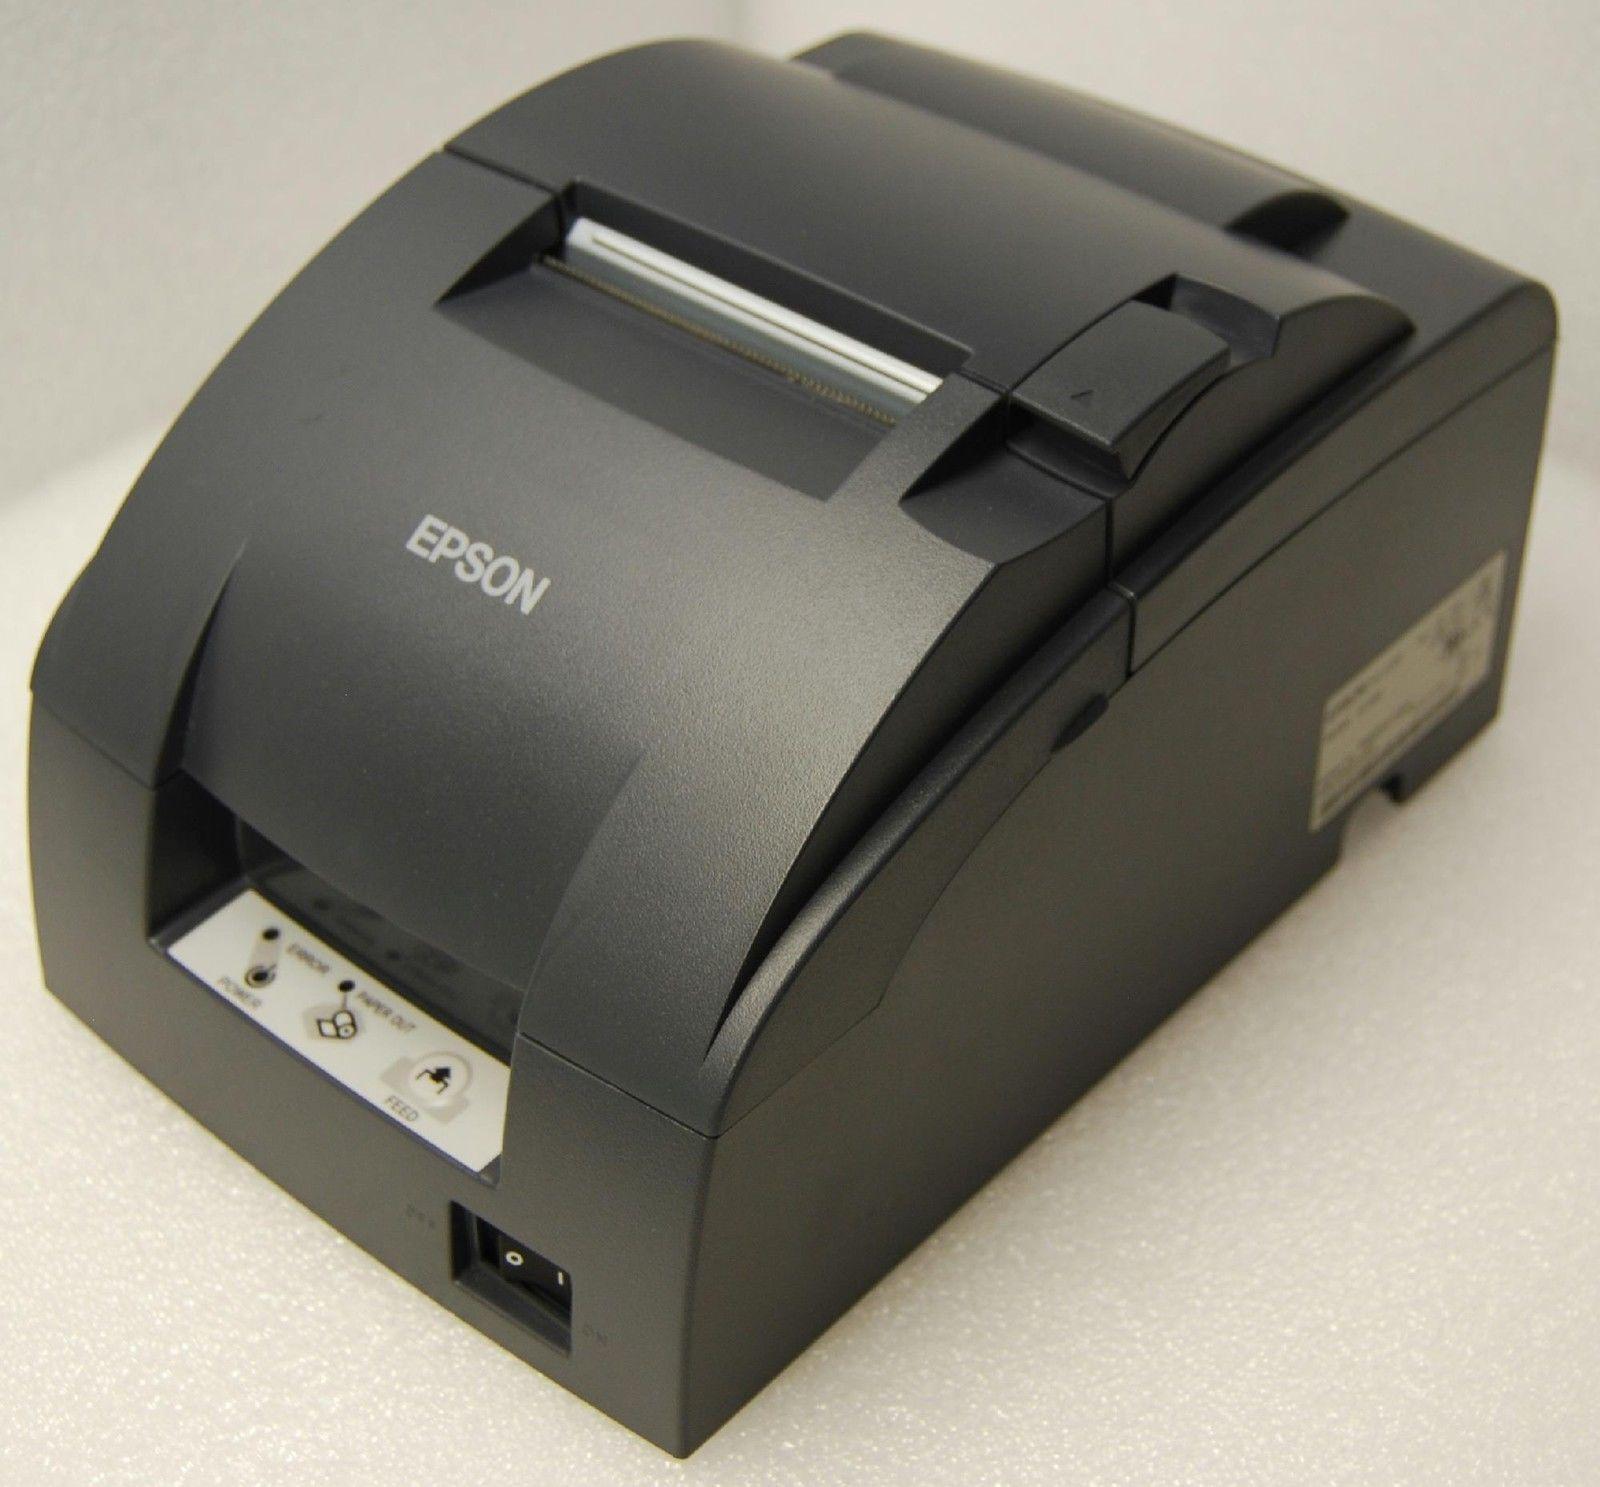 epson kitchen printer tiny house kitchens tm u220b usb receipt with power